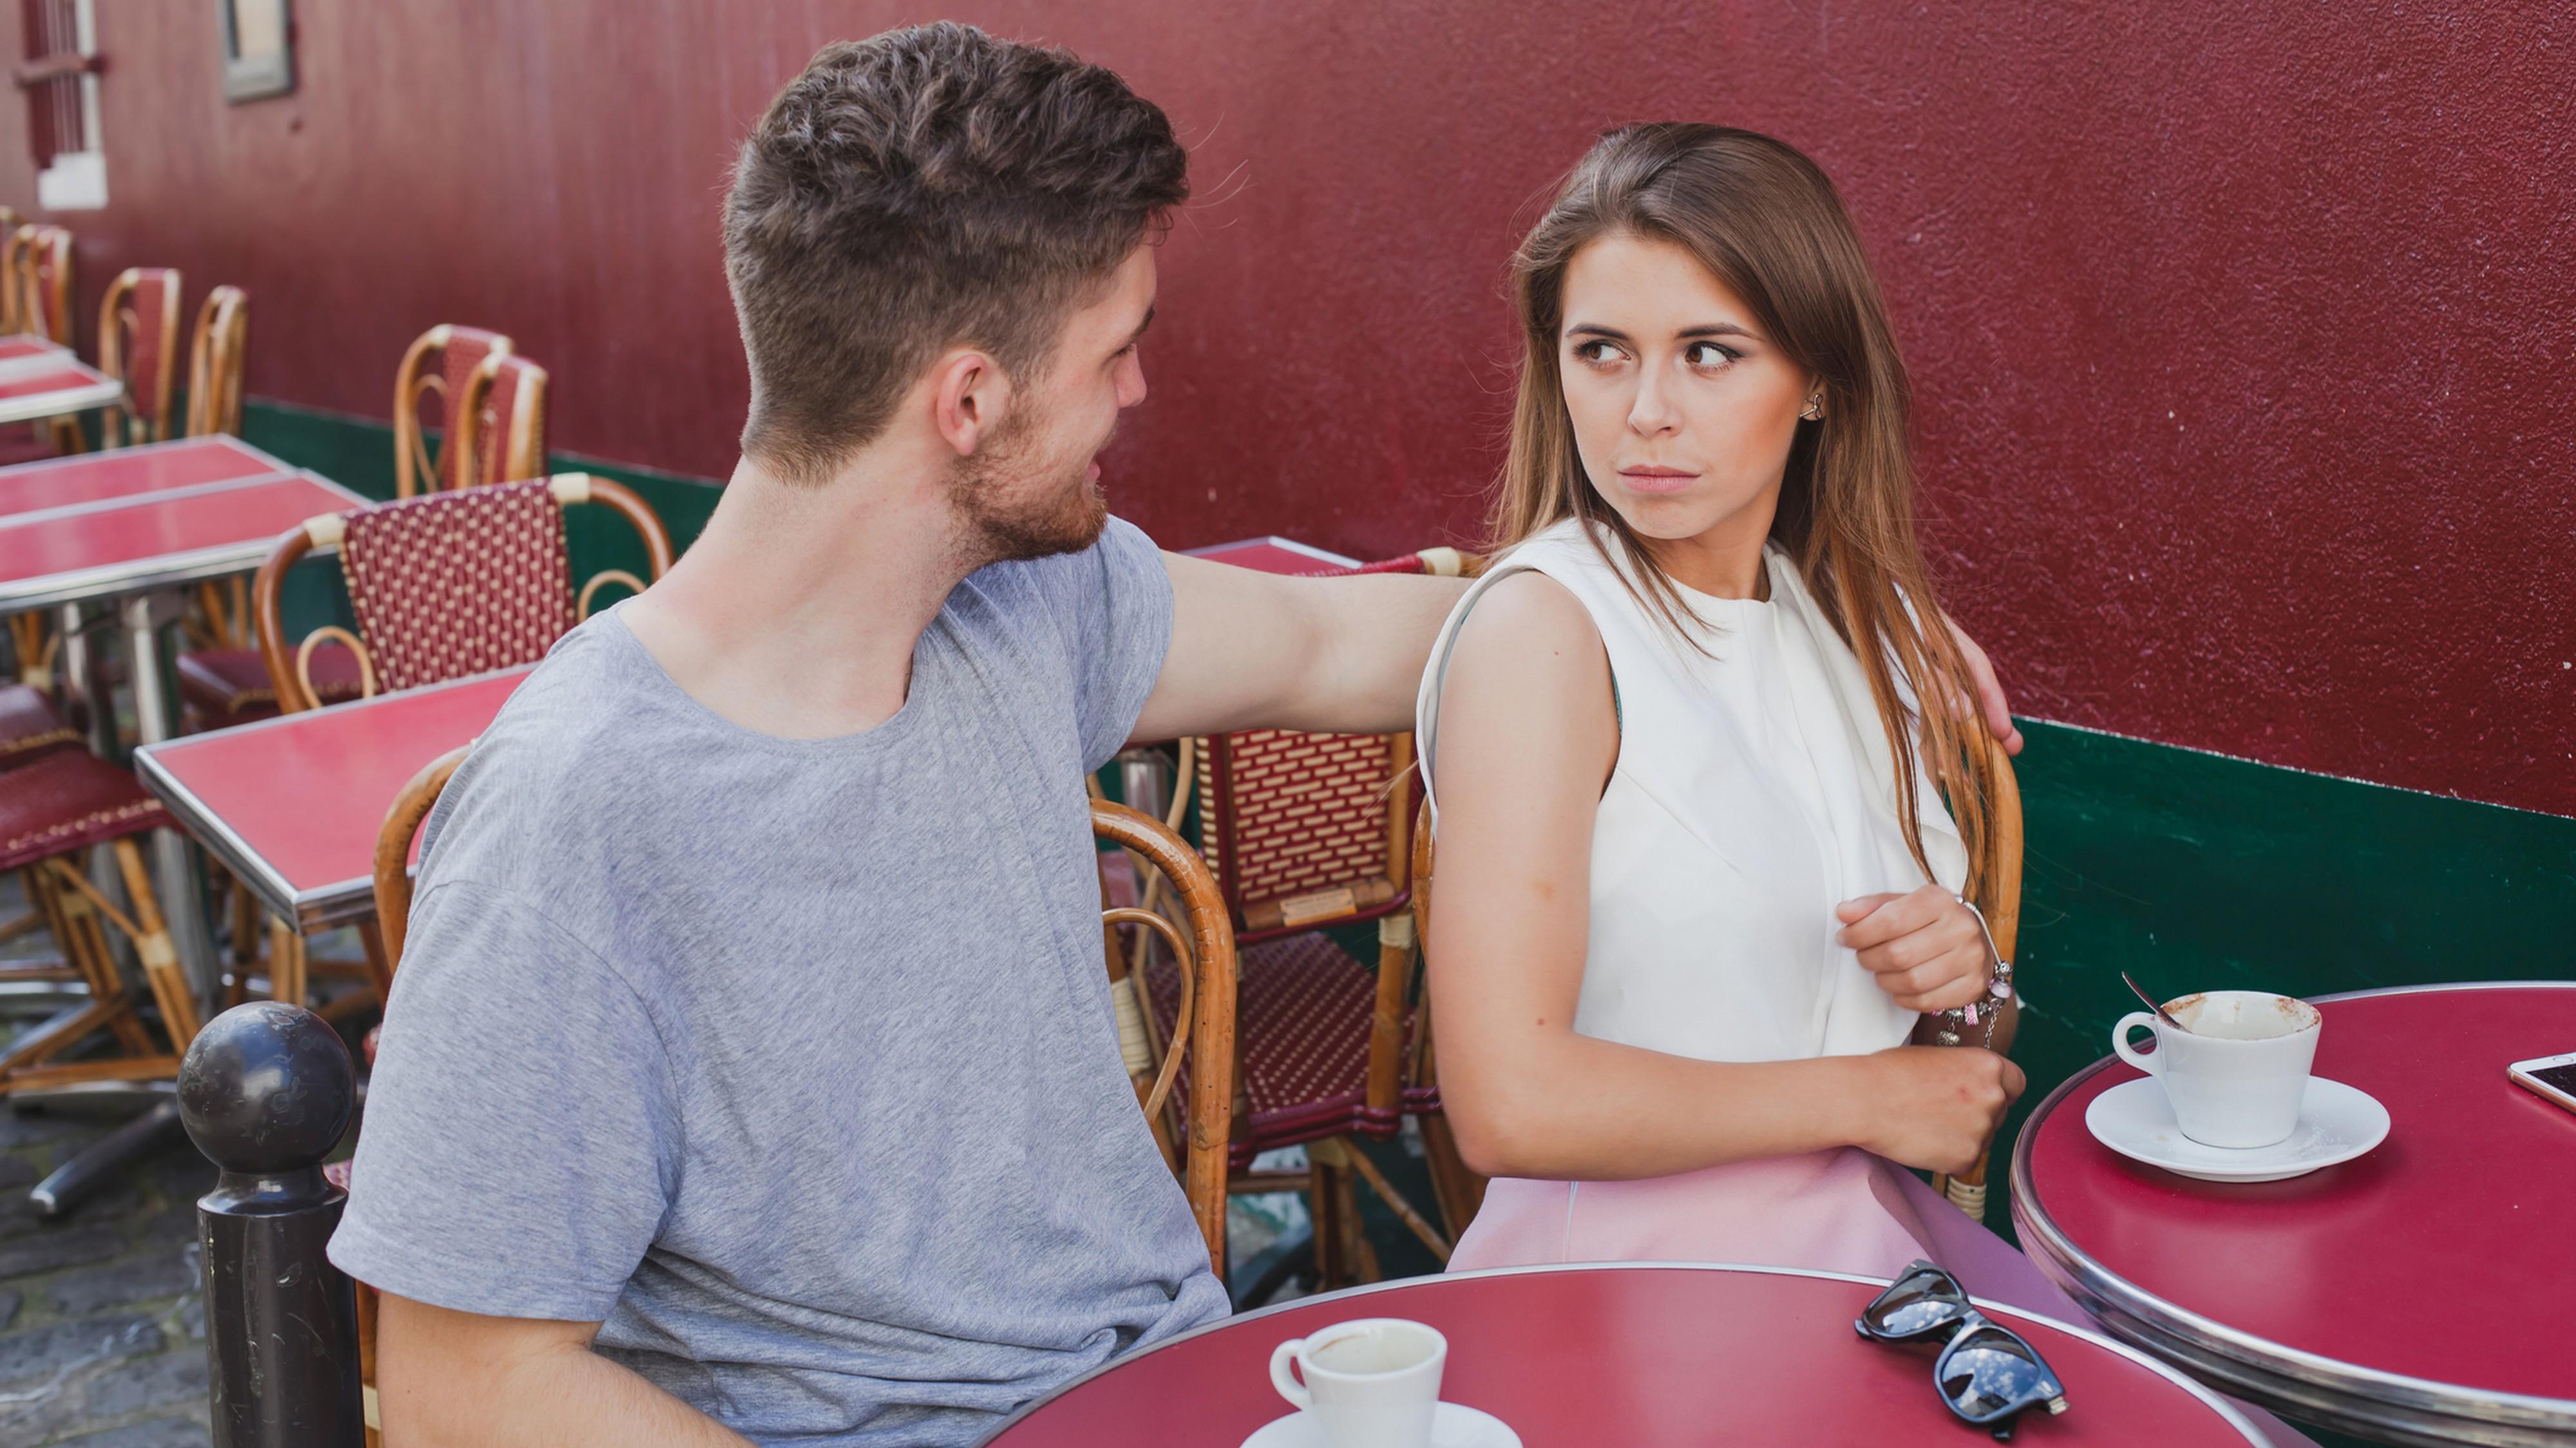 Dating-Expertin: Das kannst du tun, wenn du abgewiesen wirst